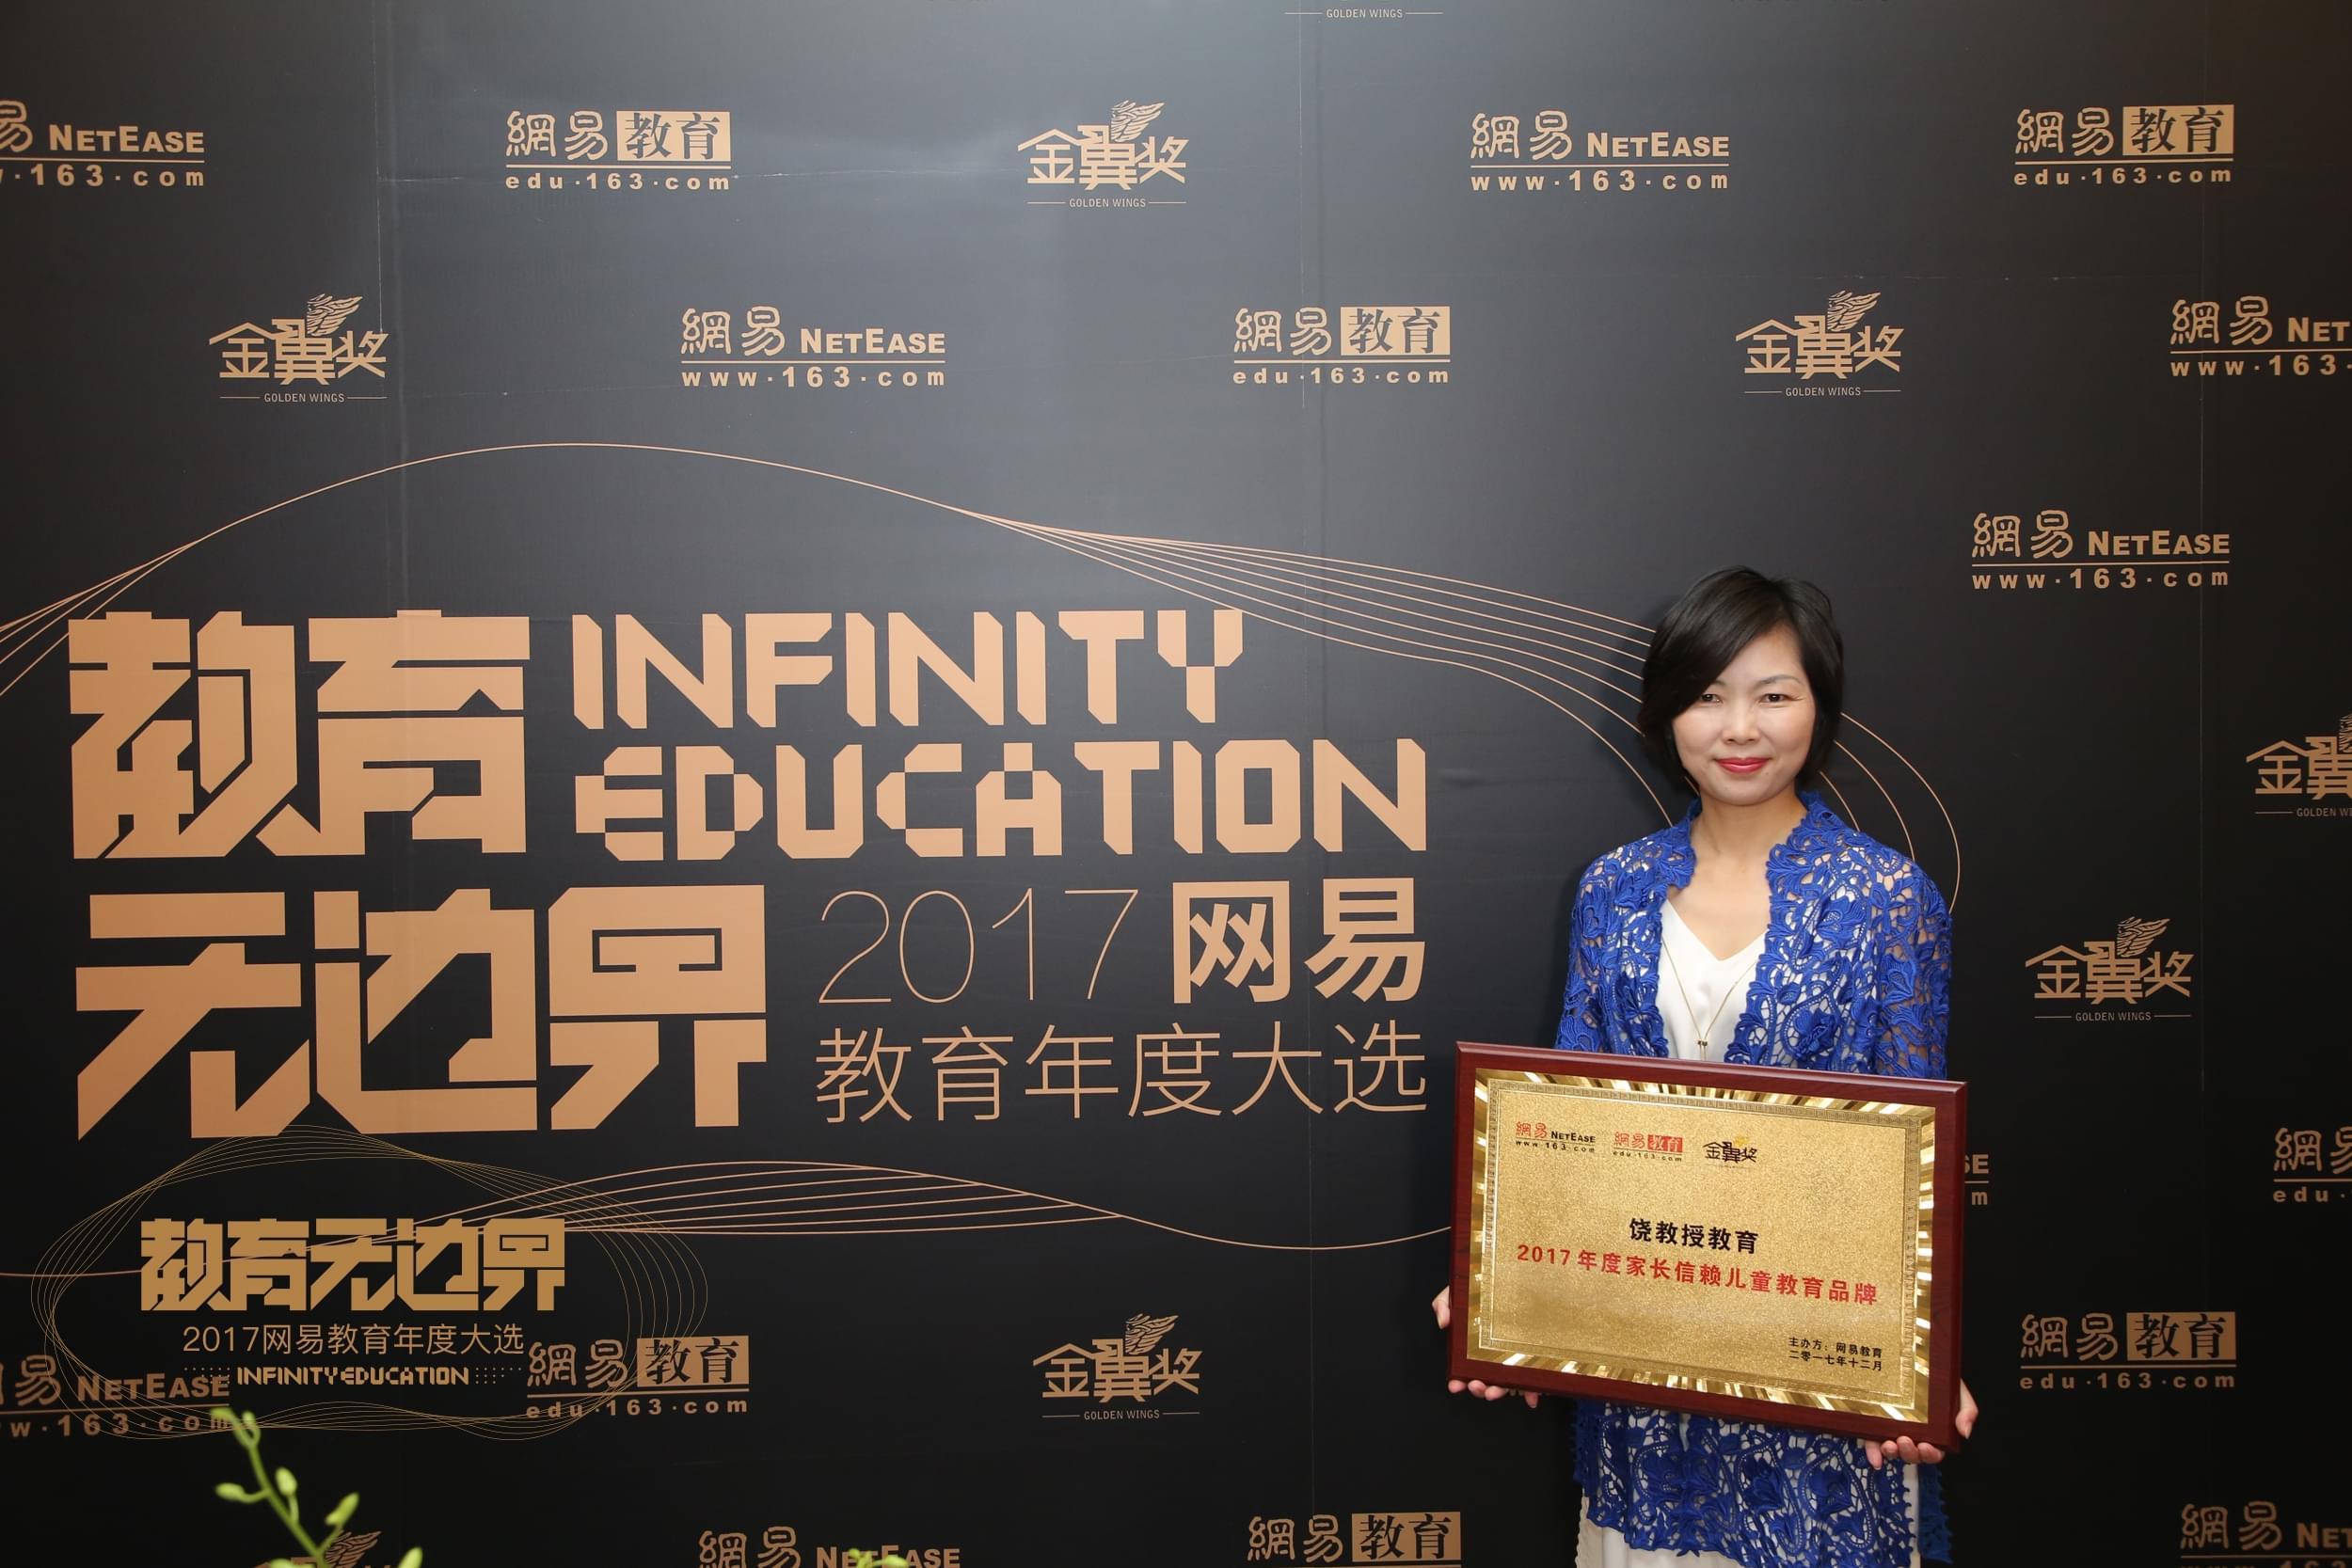 广东饶教授文化教育CEO 郑国丽女士